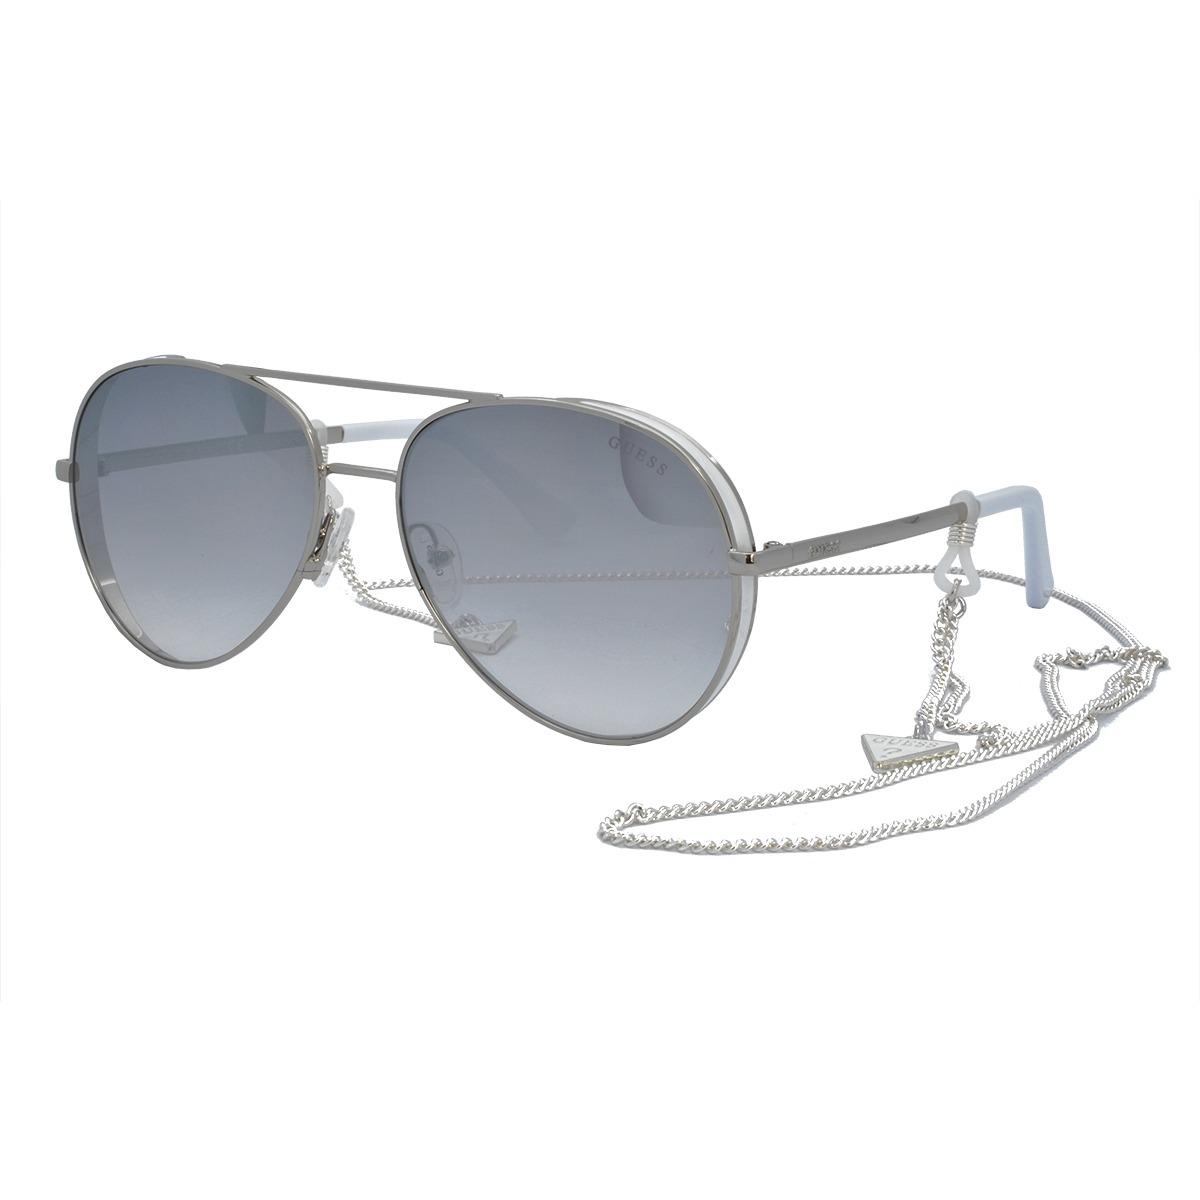 d9ca1acd5 óculos de sol guess original feminino com corrente gu7607 20. Carregando  zoom.